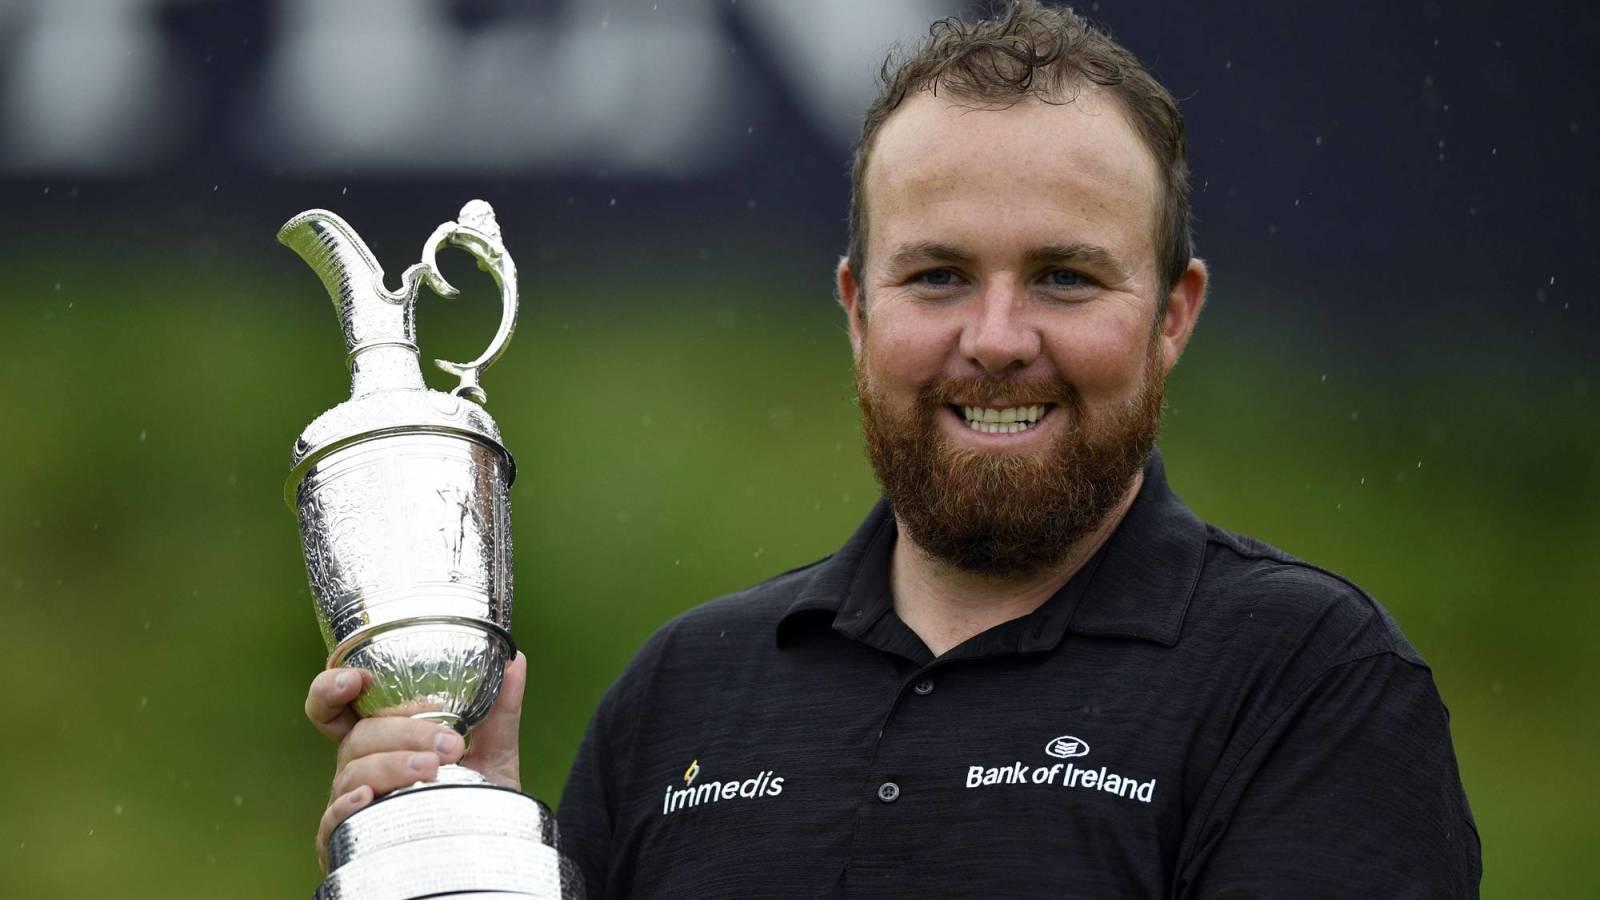 Los golfistas se enfrentarán a estrictos protocolos COVID-19 en el British Open